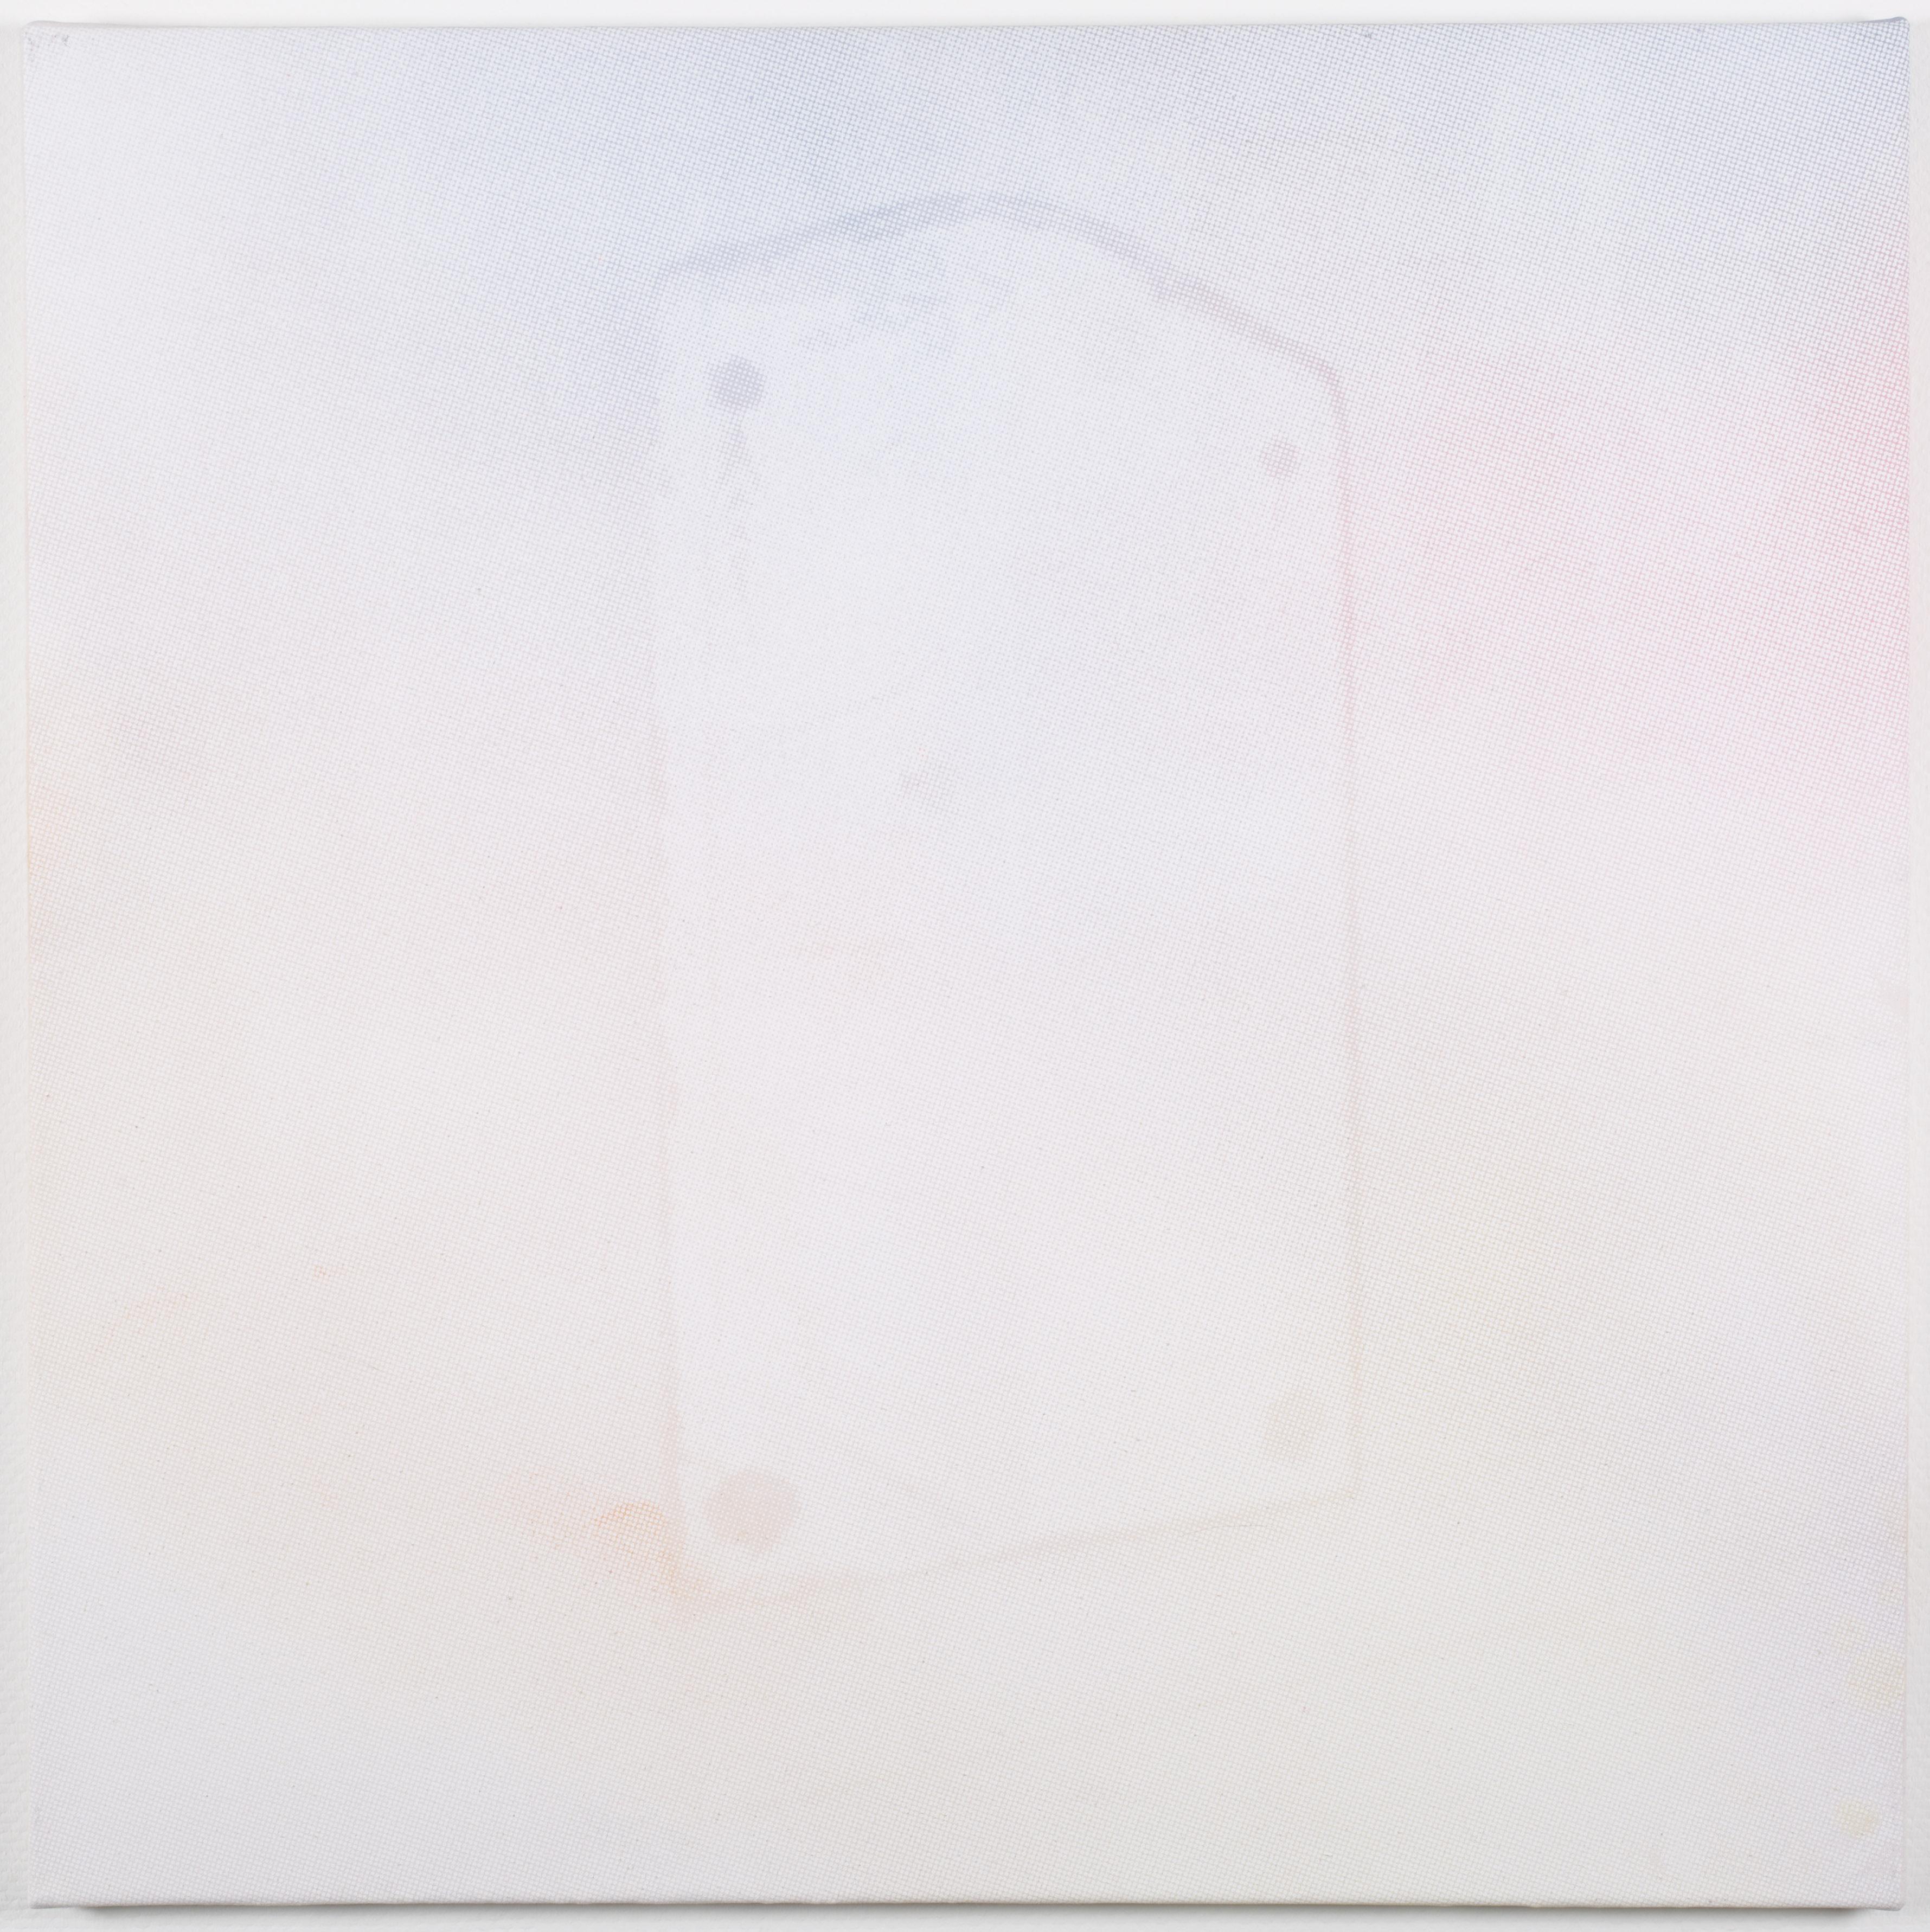 Joan van Barneveld Rainbow mirror, 2015 Acrylic on canvas 31.4 x 31.4 inches   Courtesy of LMAKgallery, NY